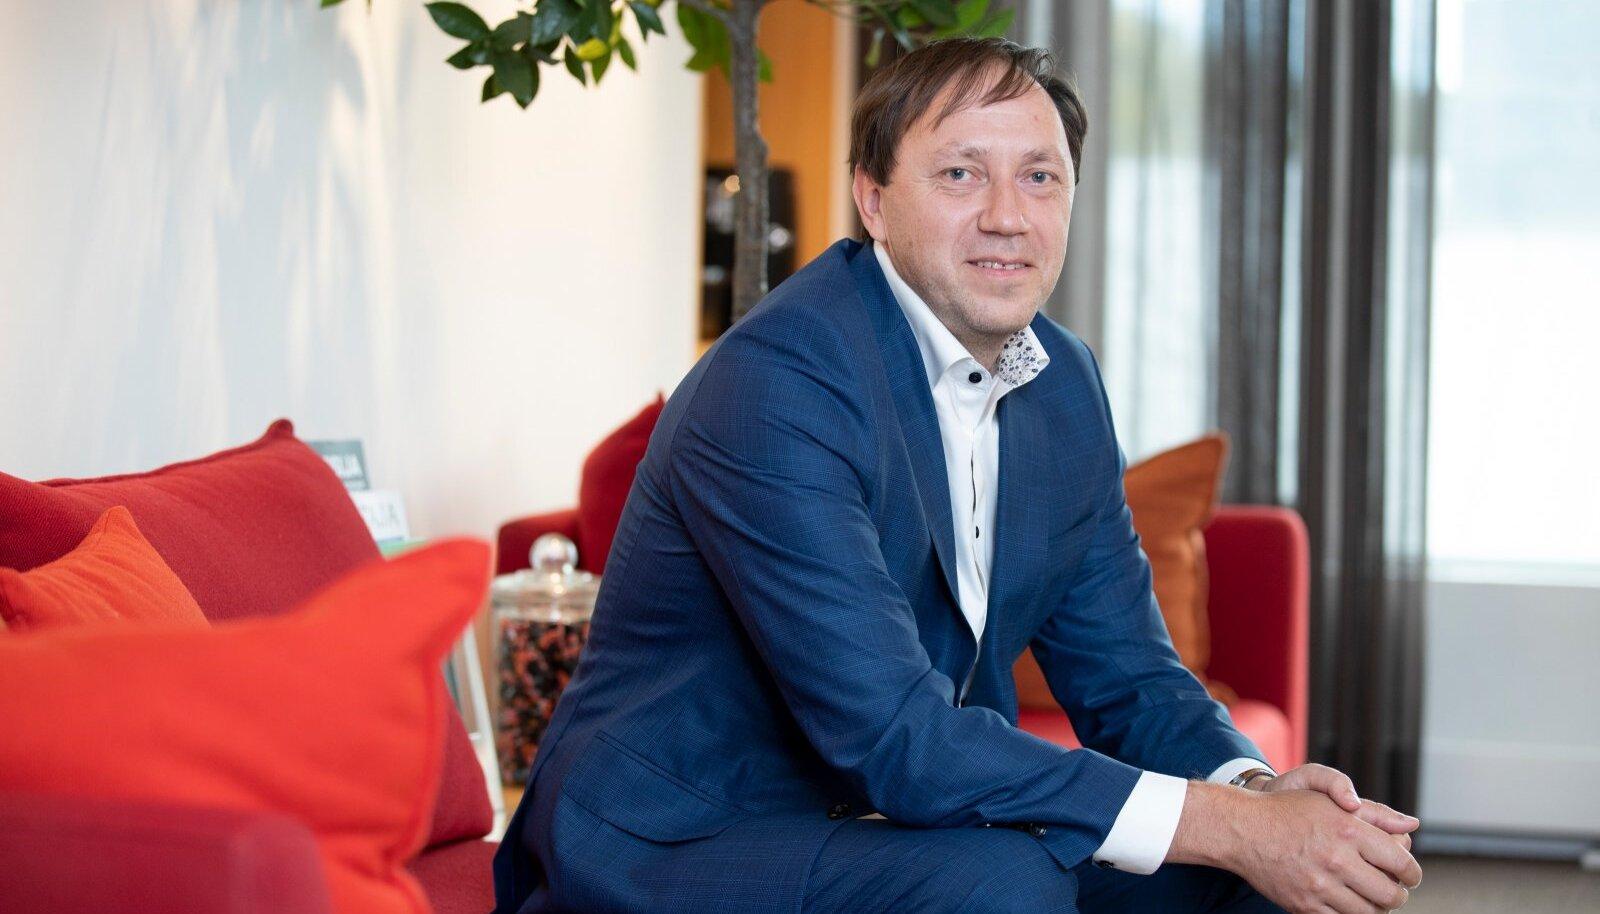 PwC Legal Eesti vandeadvokaadi Indrek Ergma sõnul otsustab kodus töötamise üle tööandja. Kui tööandja arvates on oluline, et inimesed töötaksid kontoris ja oleksid kogu aeg silma all, siis nii on.